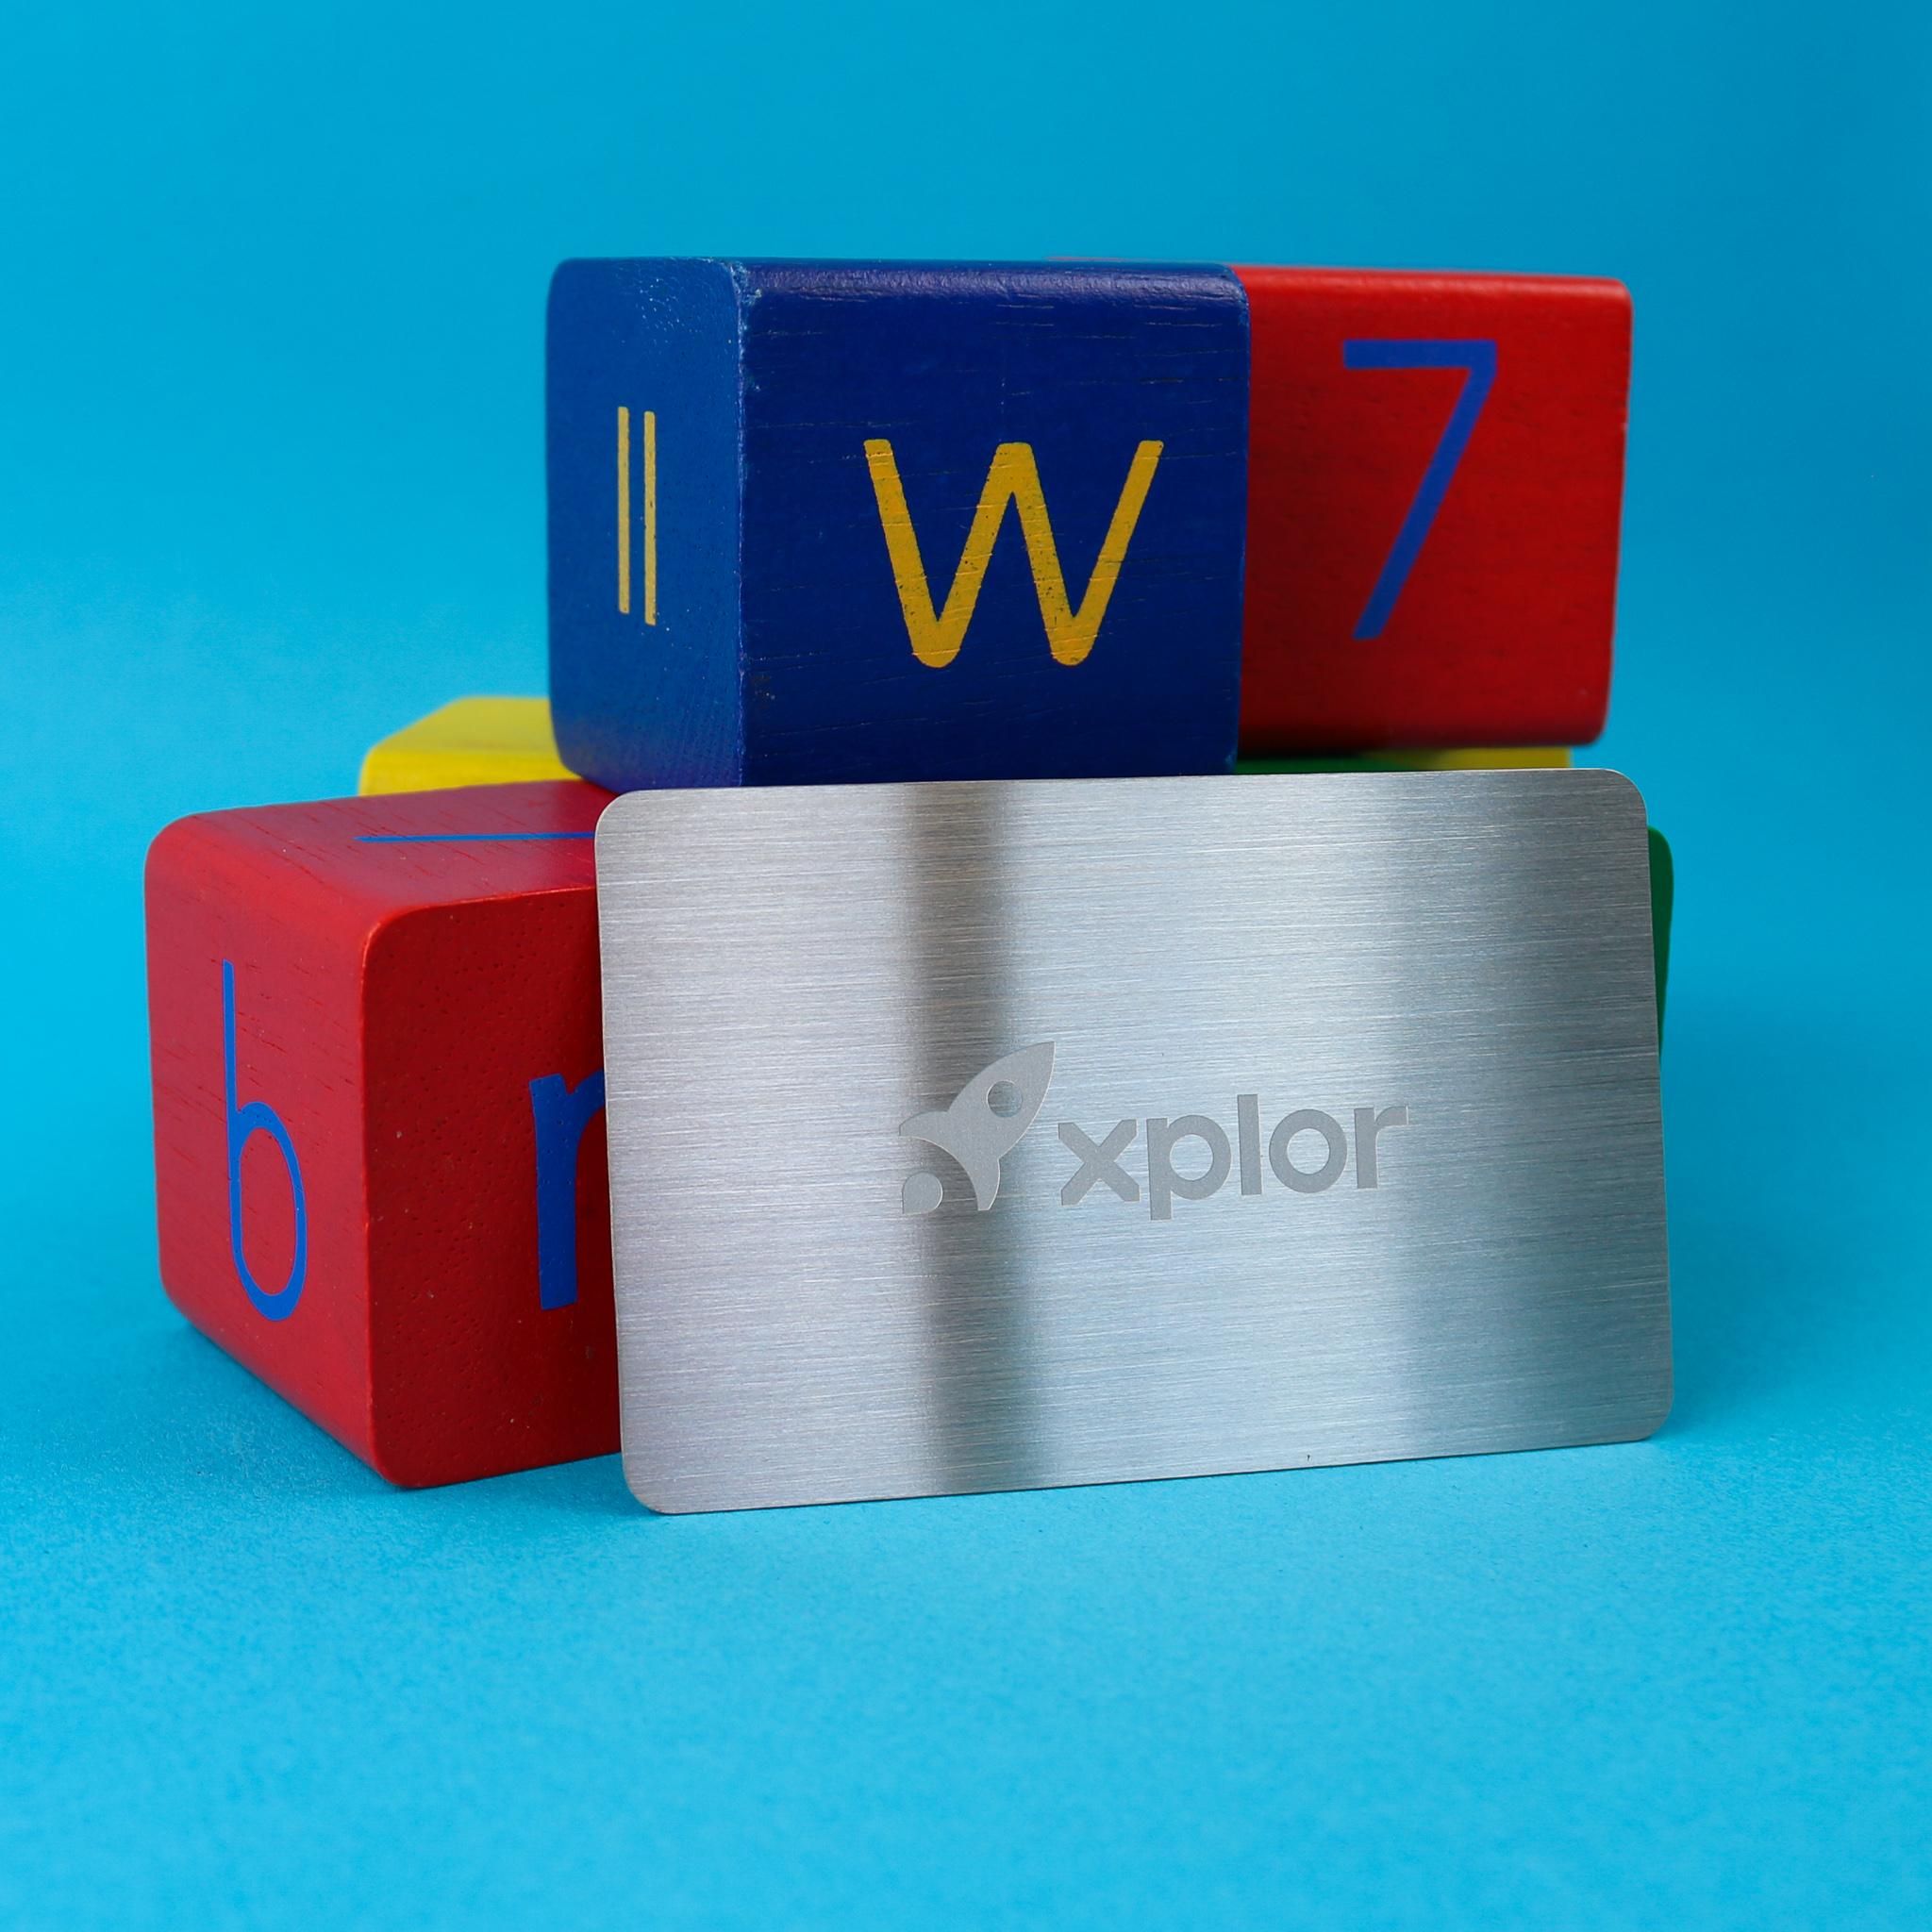 Xplor - Metal Membership Cards